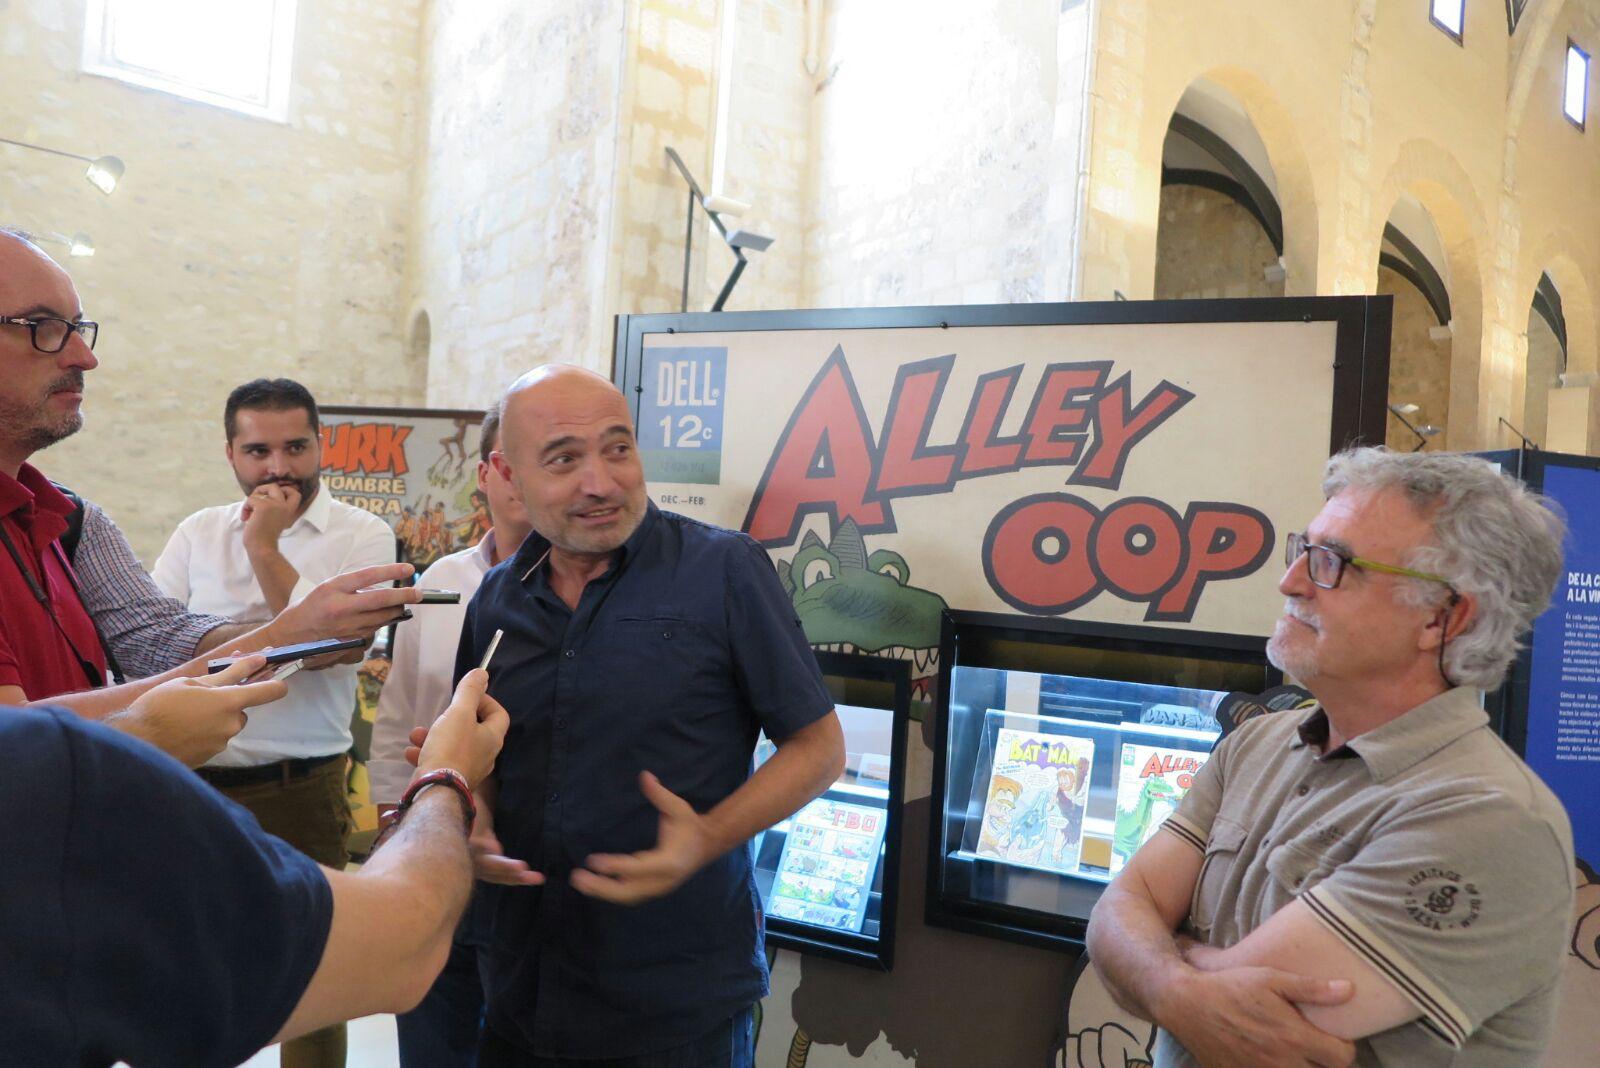 Xàtiva, Gàtova, l'Olleria, Real de Gandia, Yátova y Castelló de Rugat exhiben diferentes muestras itinerantes de los centros expositivos dependientes del Área de Cultura.